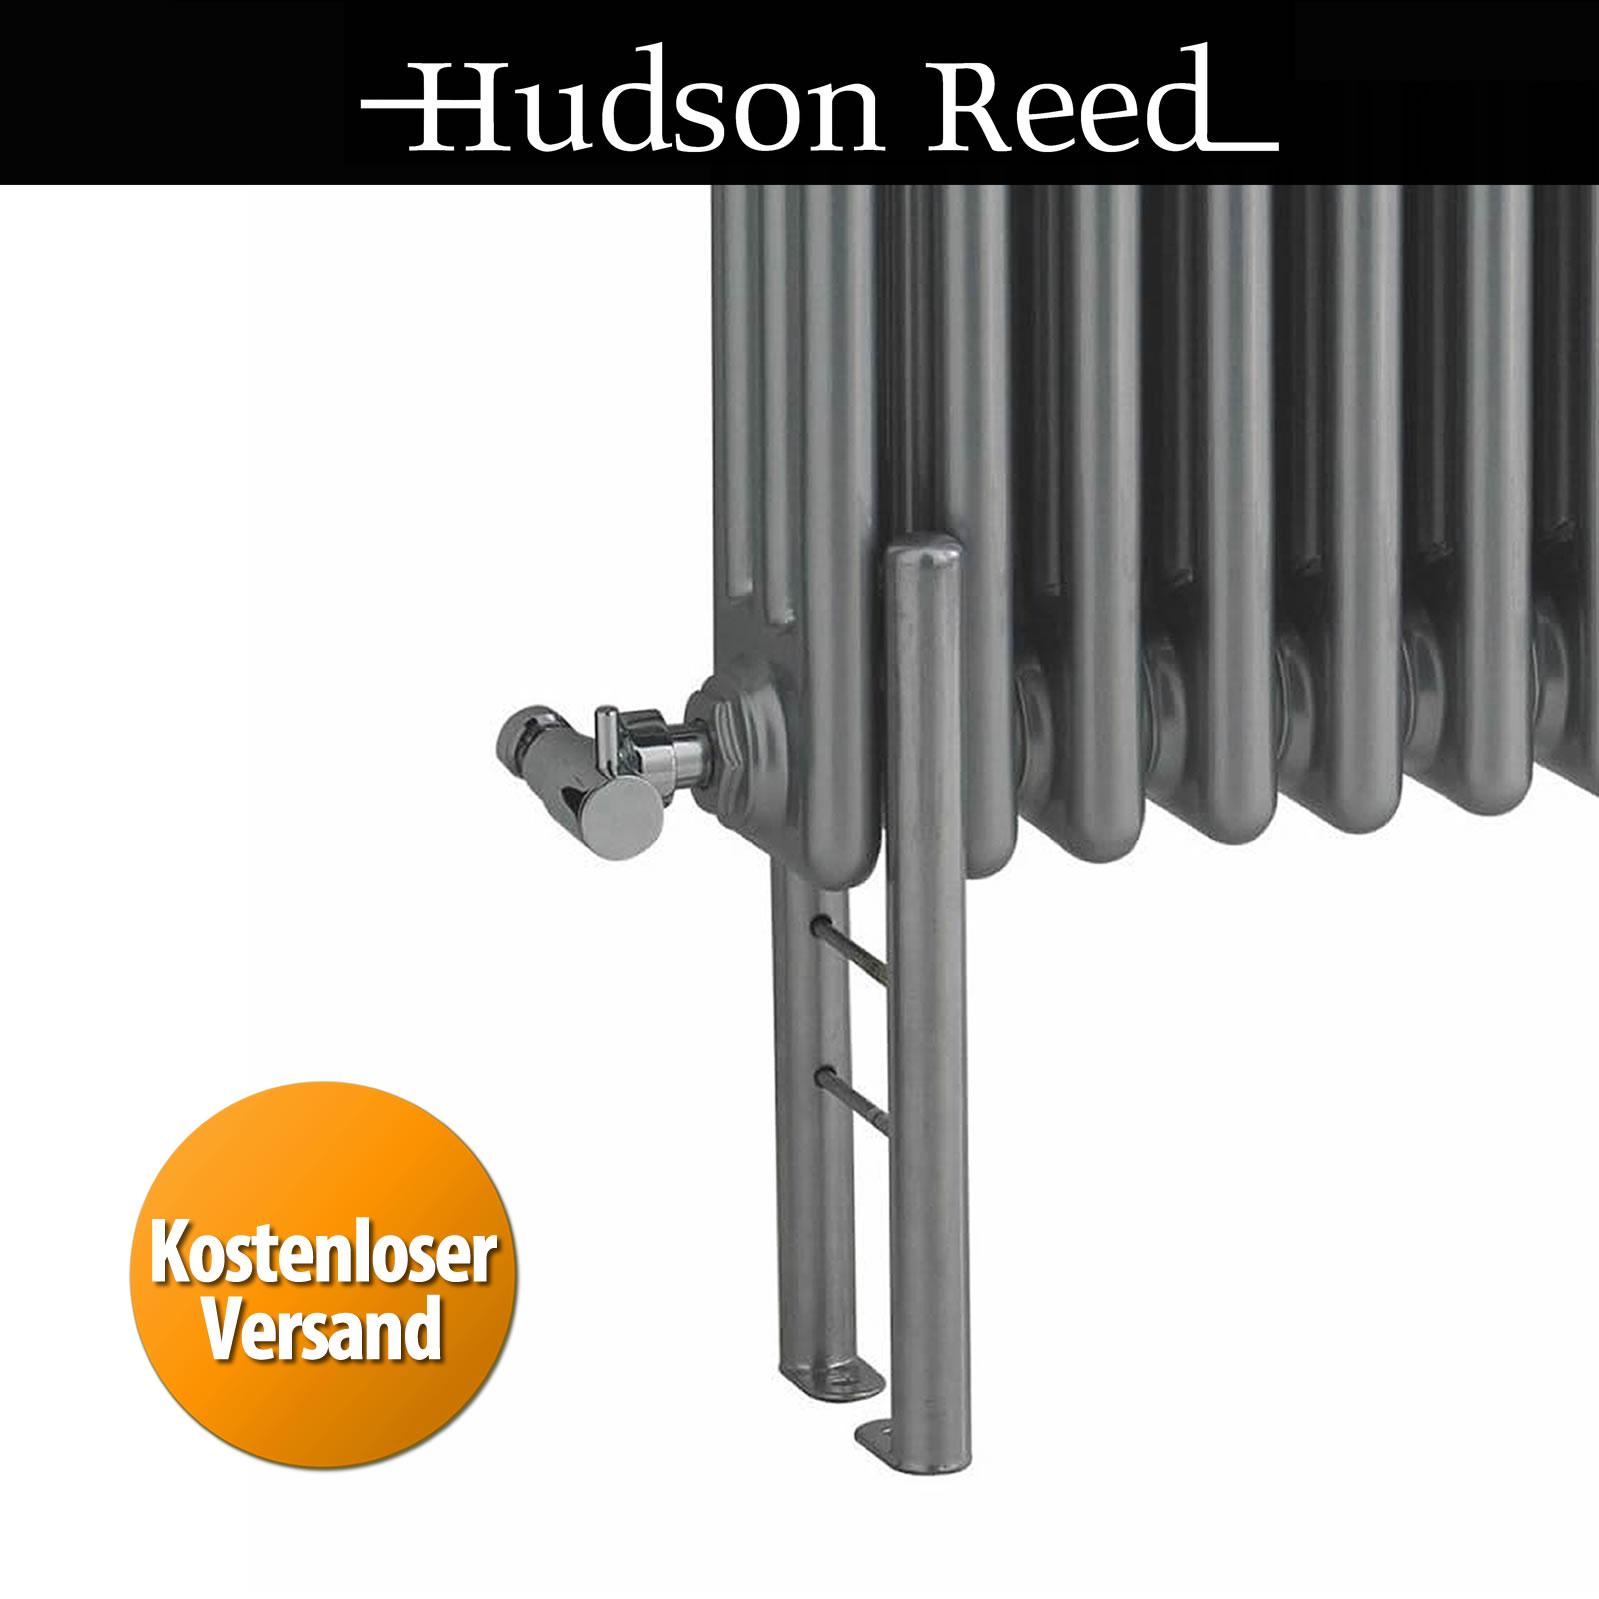 Hudson Reed Heizkörper : hudson reed f e f r glieder heizk rper silber boden ~ Watch28wear.com Haus und Dekorationen